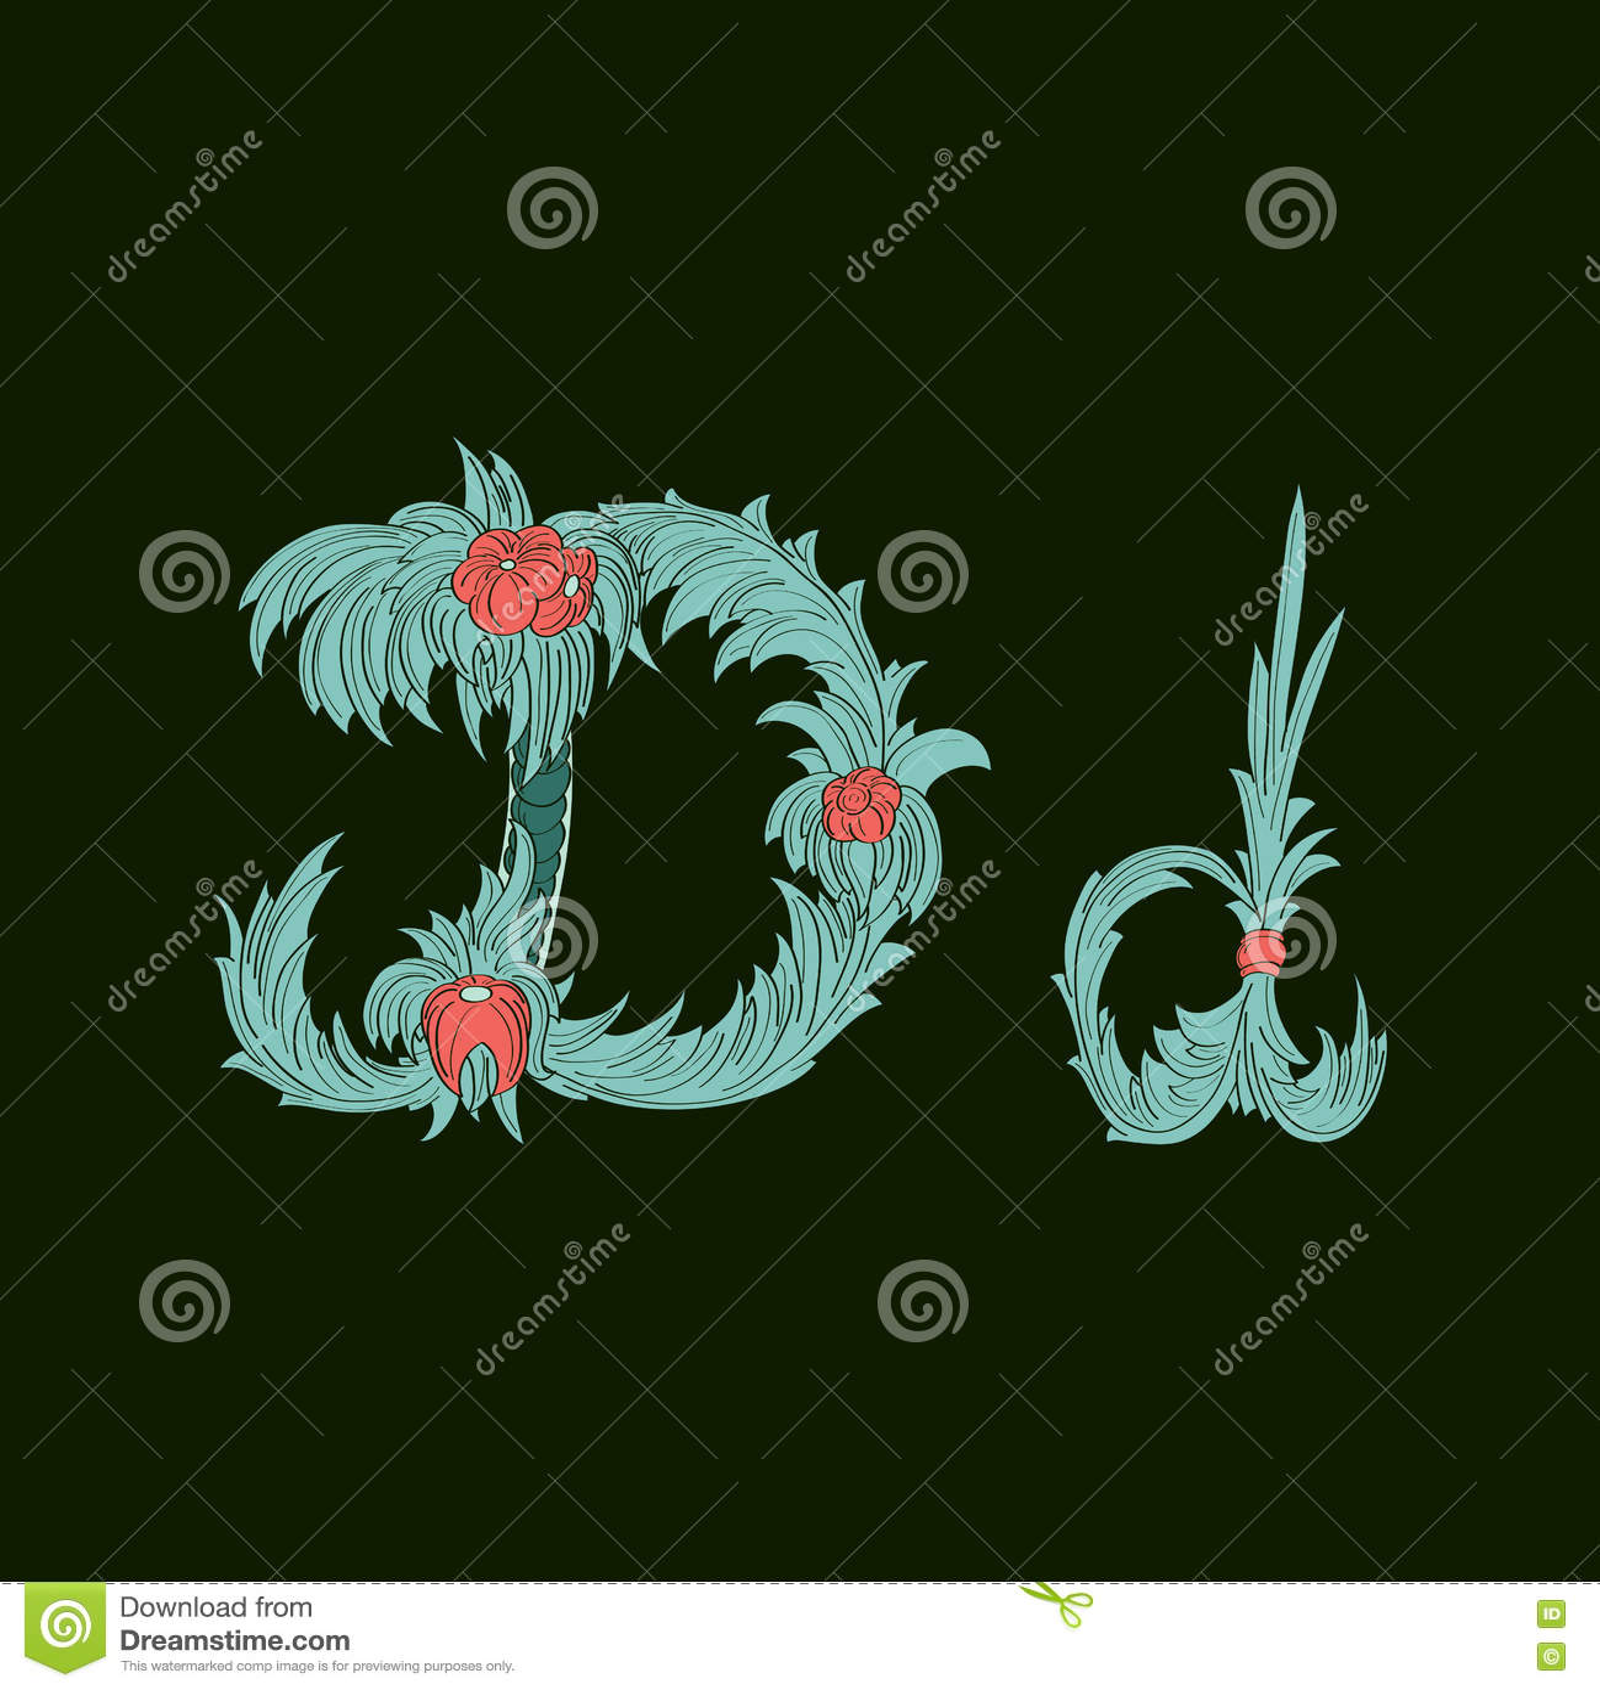 Αφηρημένο εικονίδιο λογότυπων Δ επιστολών στο μπλε τροπικό ύφος